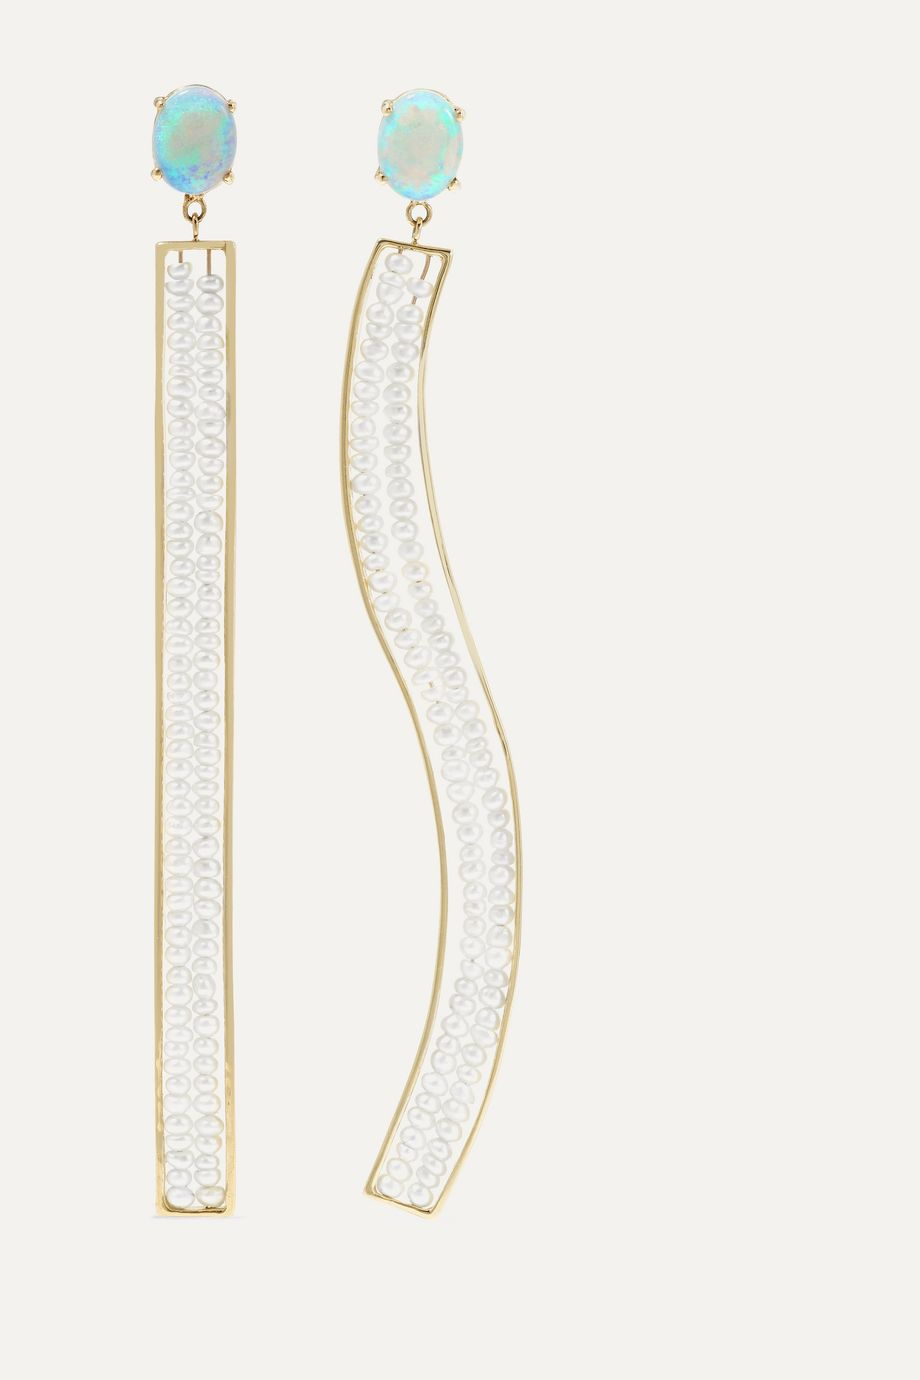 Wwake + NET SUSTAIN Dance Partner 14-karat gold, pearl and opal earrings